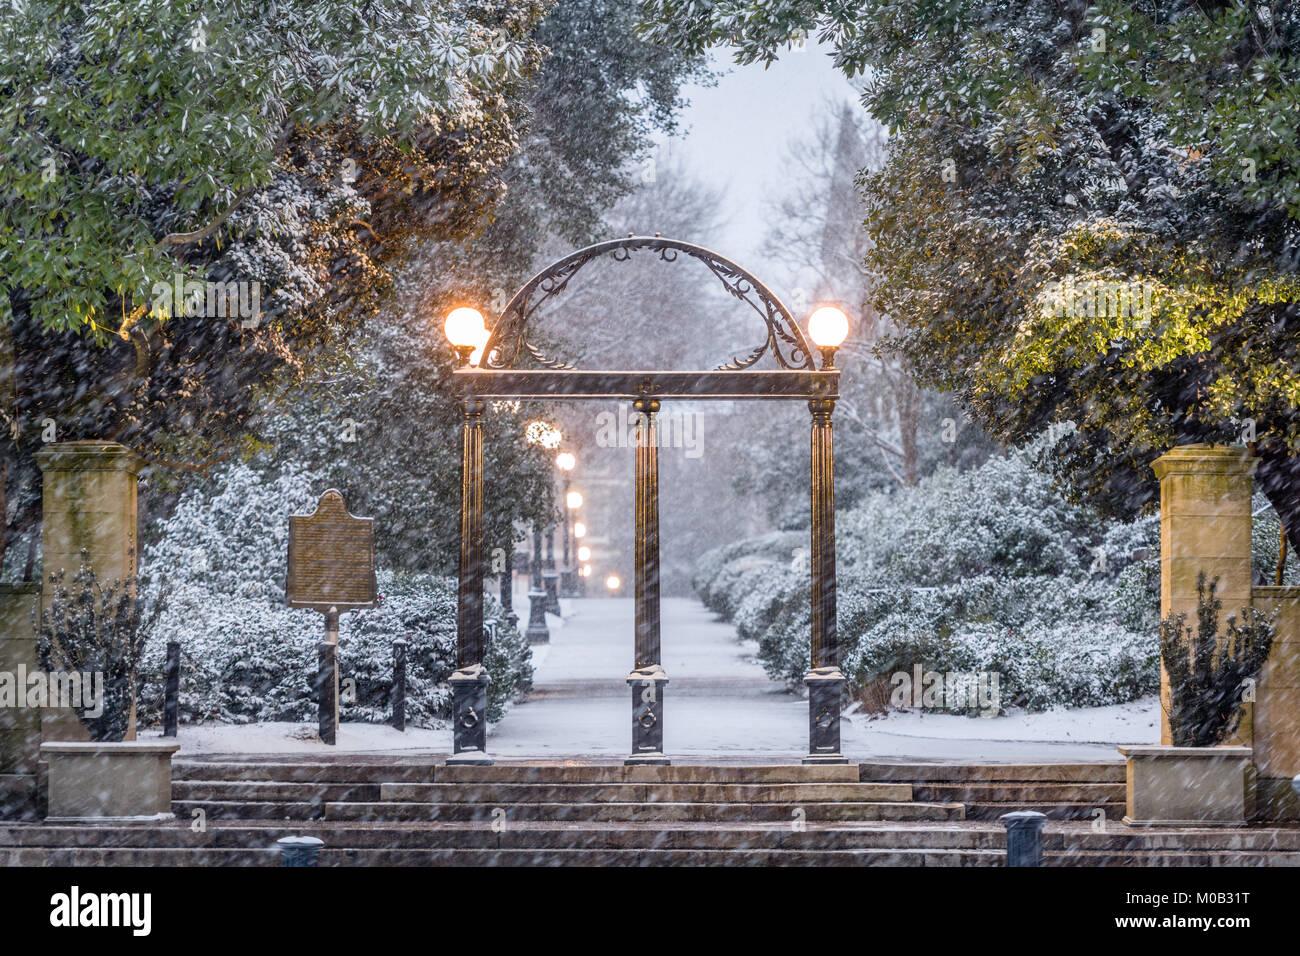 Atenas, Georgia, EE.UU. en el campus de la Universidad de Georgia arch en el invierno. Imagen De Stock